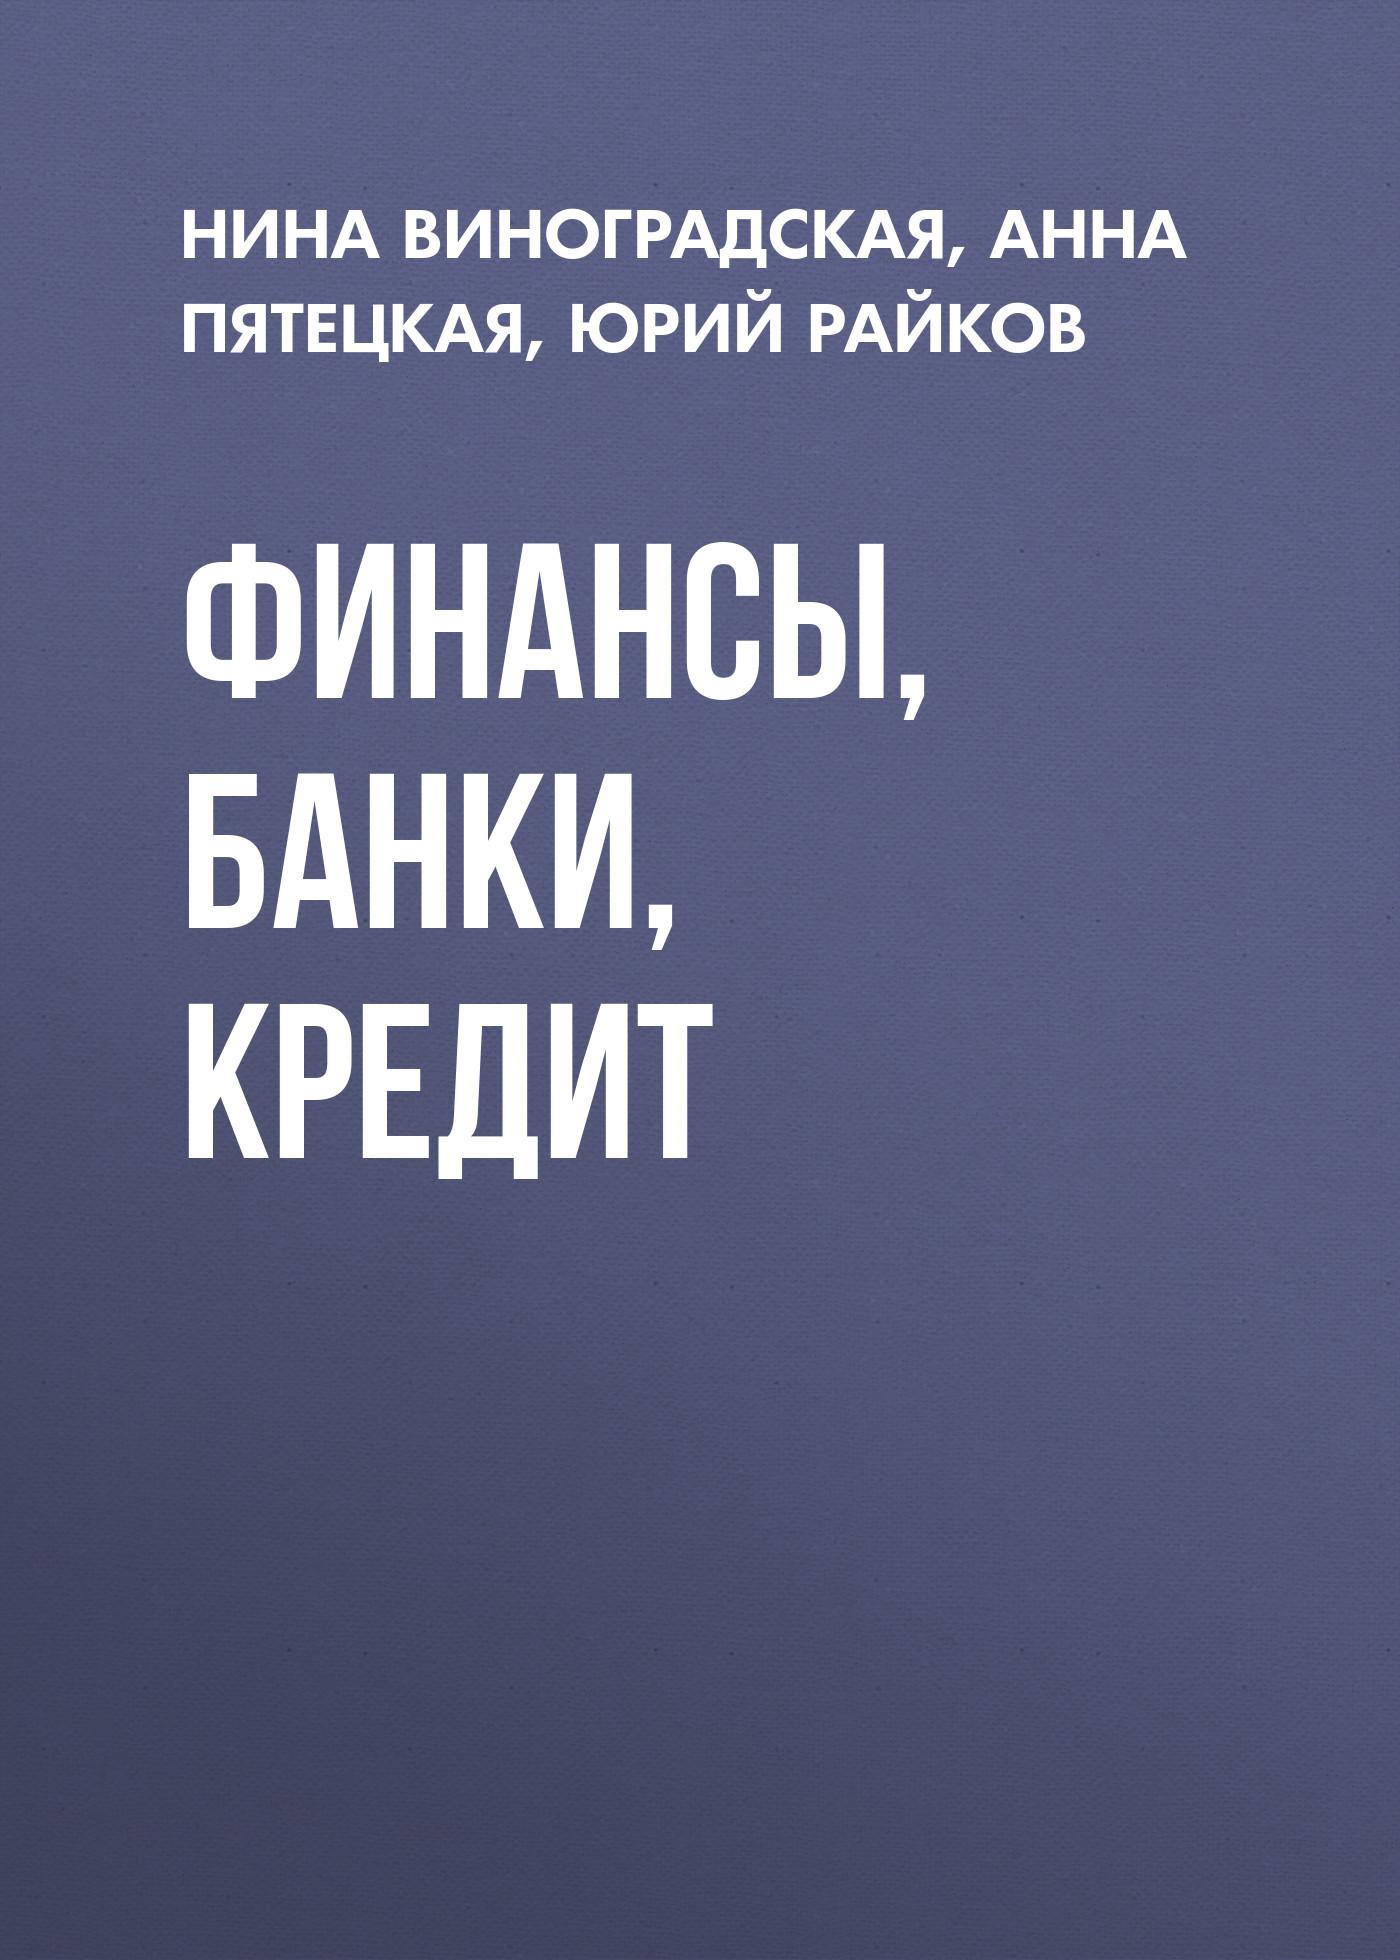 Нина Виноградская Финансы, банки, кредит как в кредит ладу калину хэтчбек челябинск